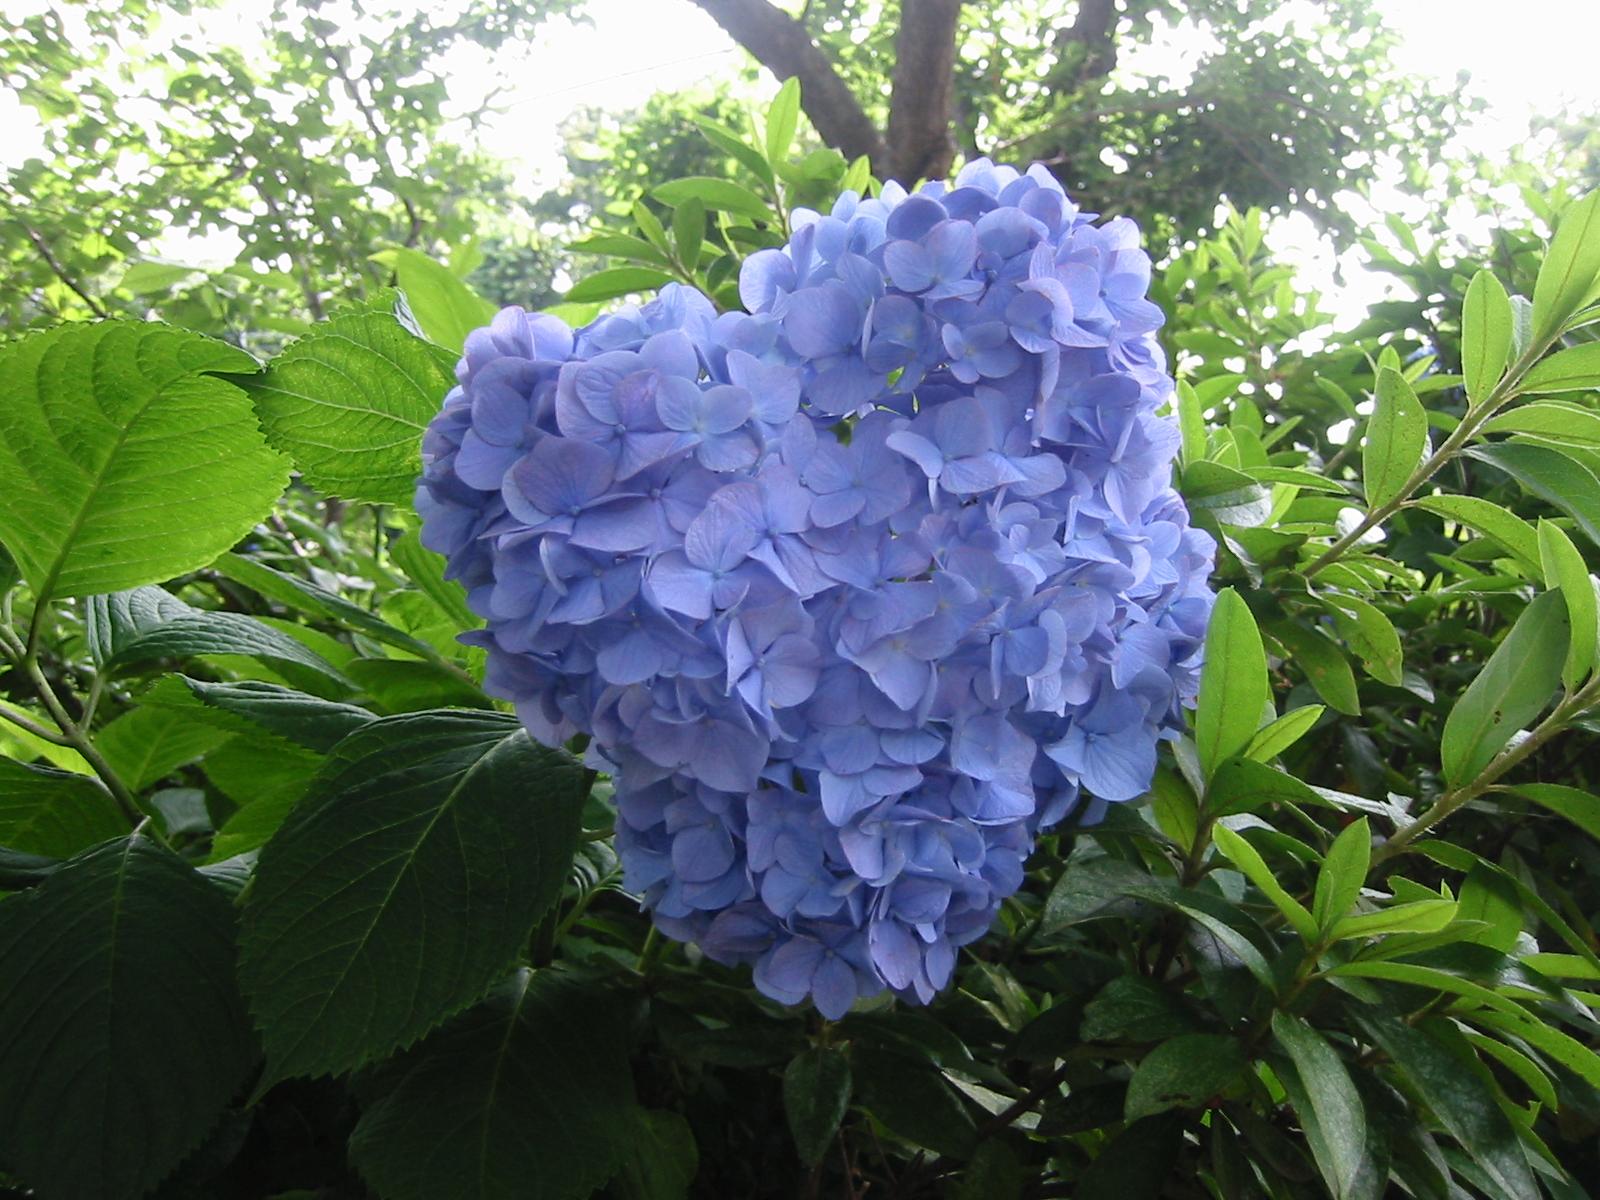 Hydrangea's in Japan - Ajisai